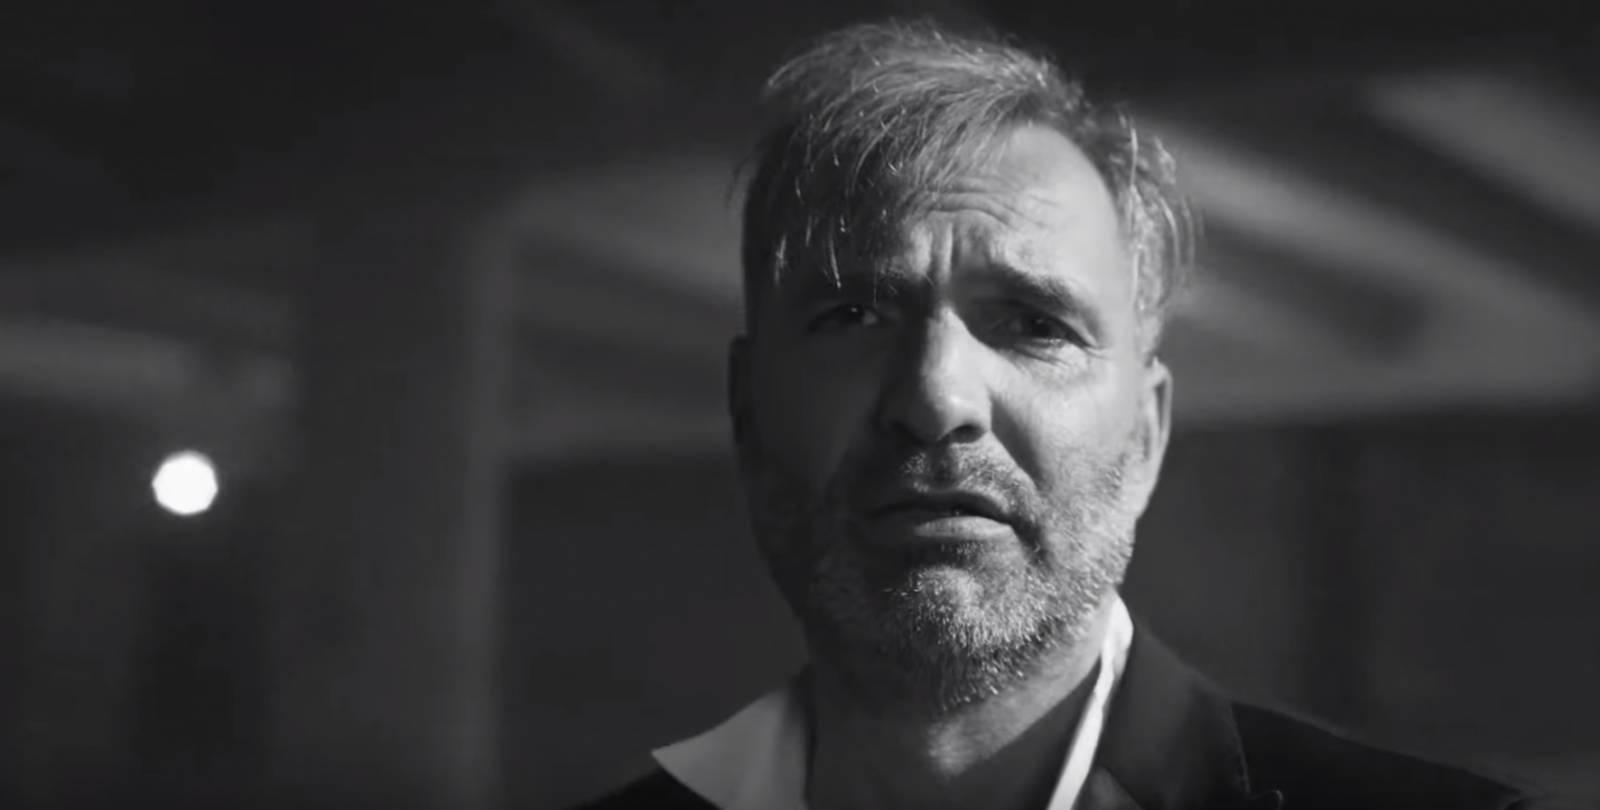 TOP 7 videoklipů týdne: Černobílí Mig 21 zvou na turné, Petr Harazin z Nebe zpívá o boji s alkoholem